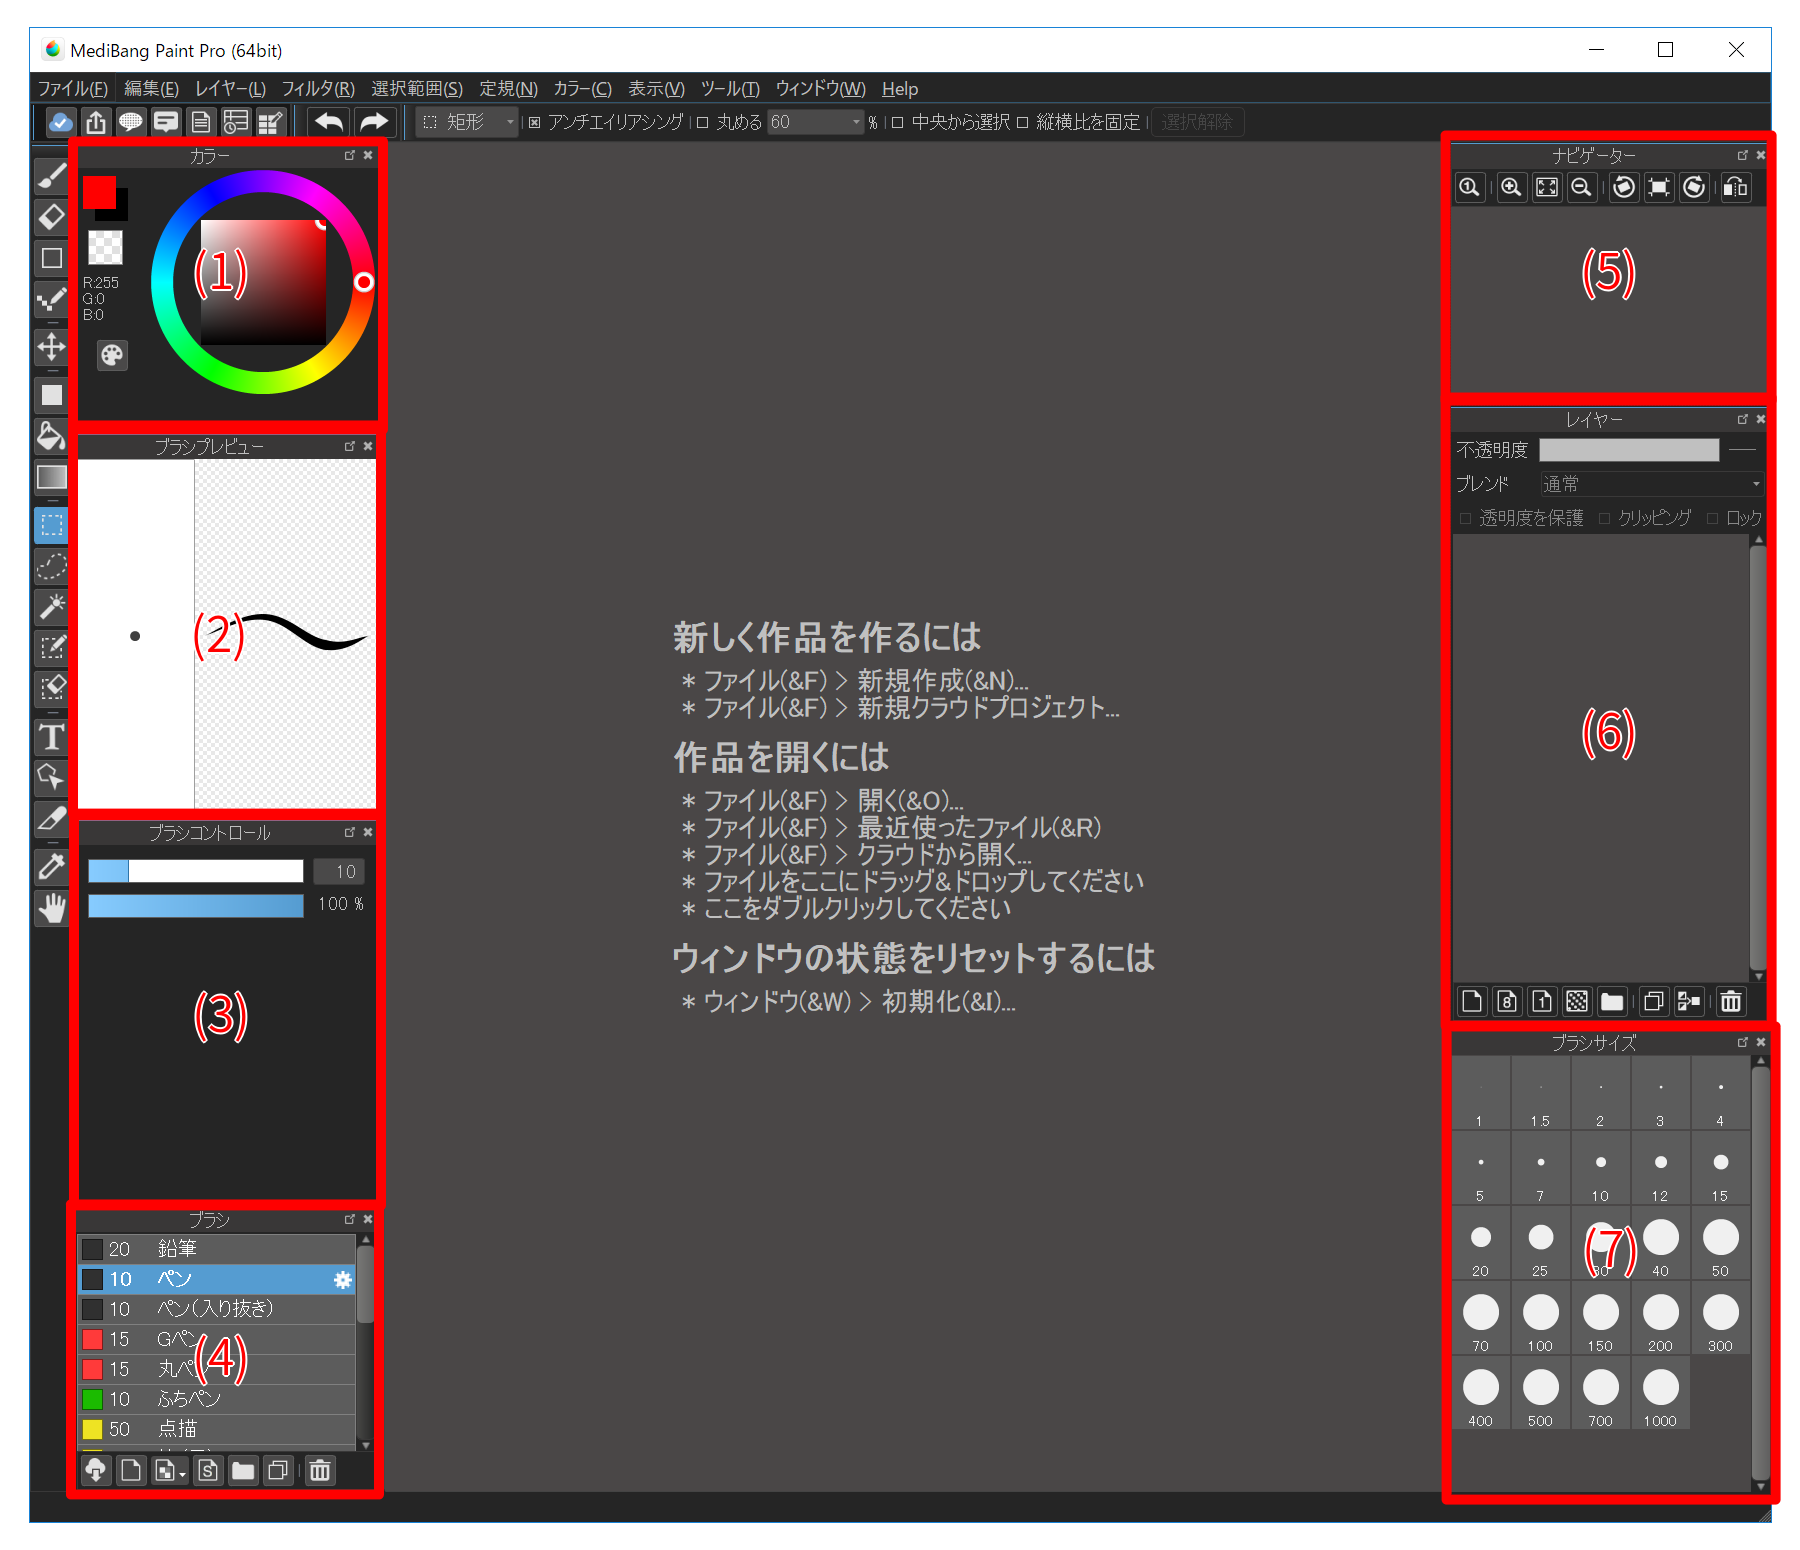 Configuración de pantalla (estado inicial)